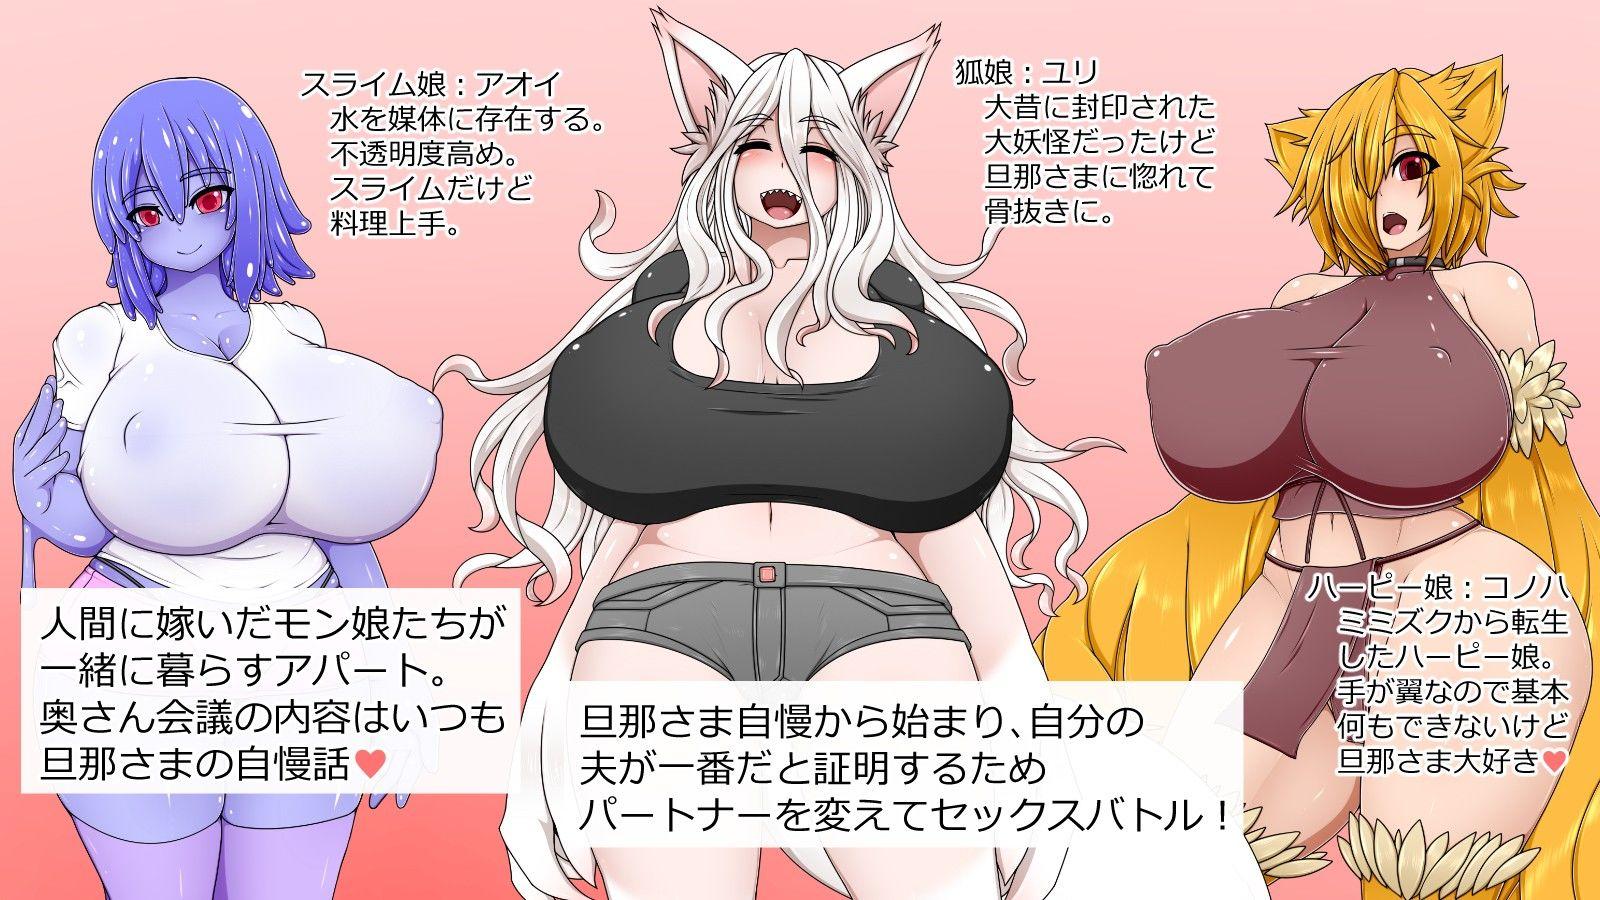 同人ガール:[同人]「B.O.M 僕のお嫁はモンスター~セックスバトル特別編~」(ハトマメ)